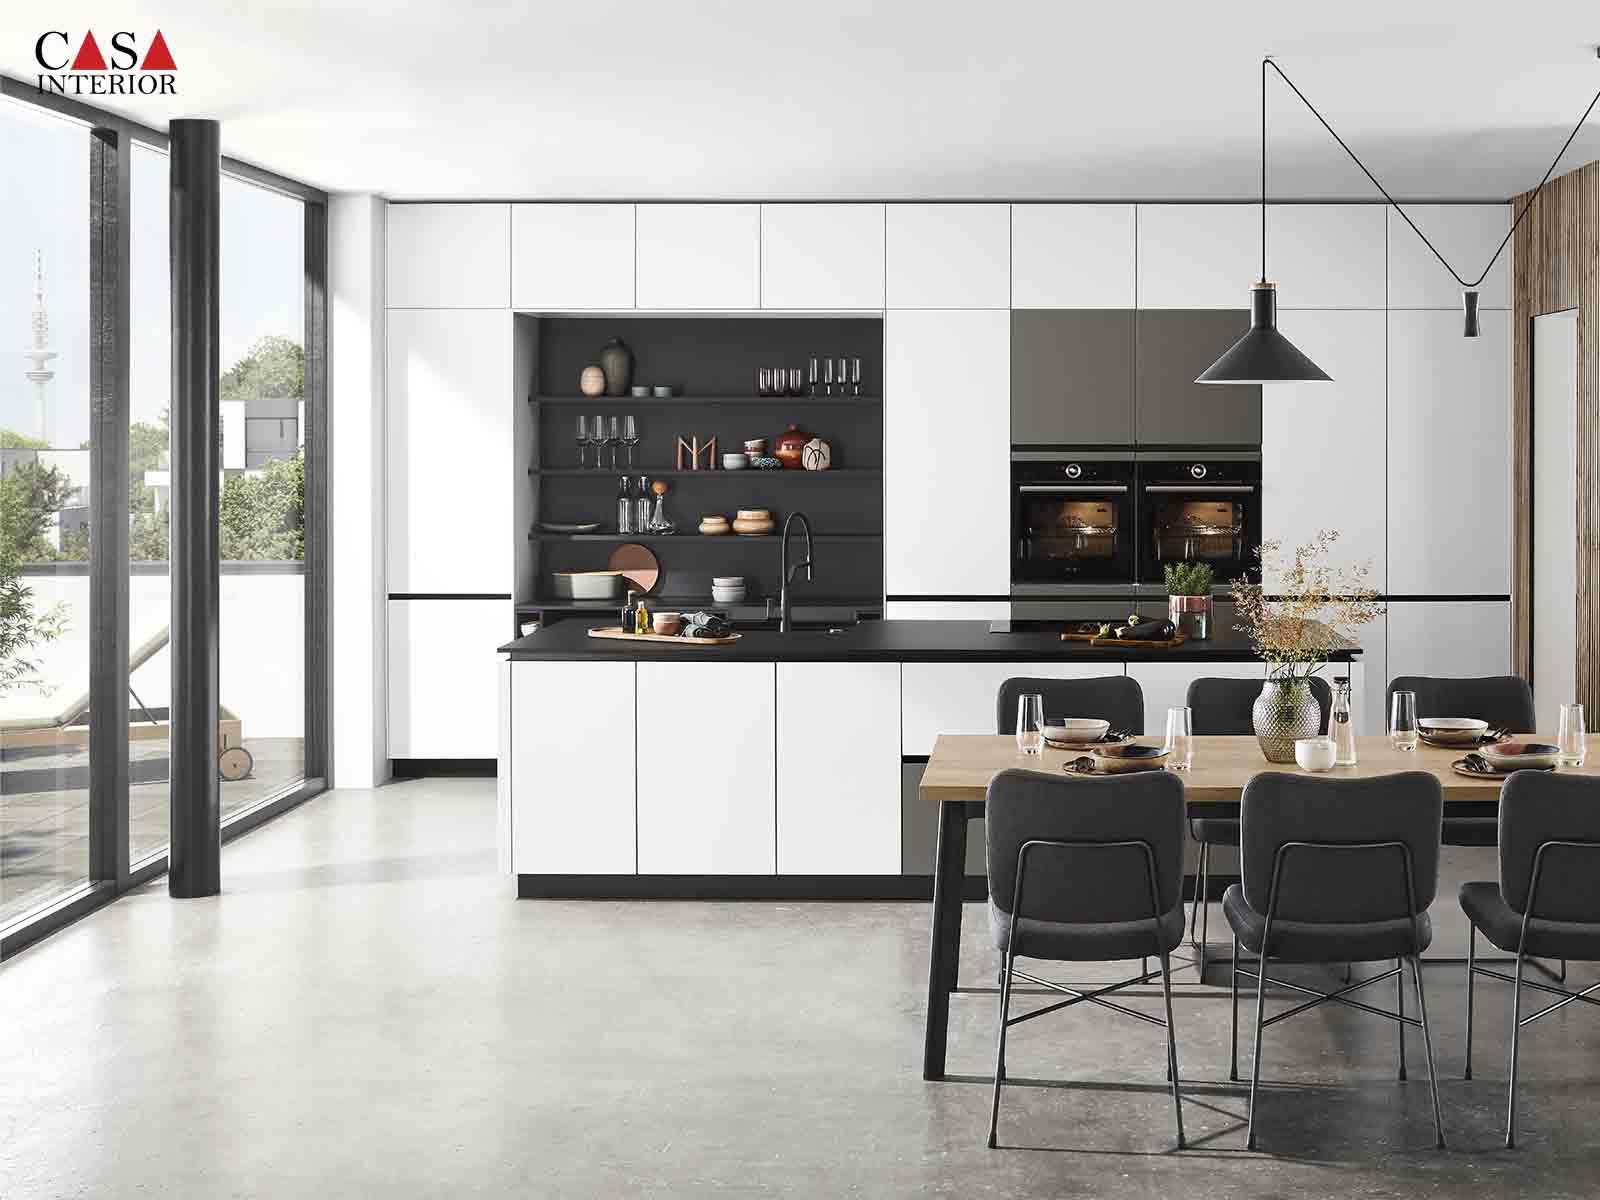 Küchentime Artis 938 Line N